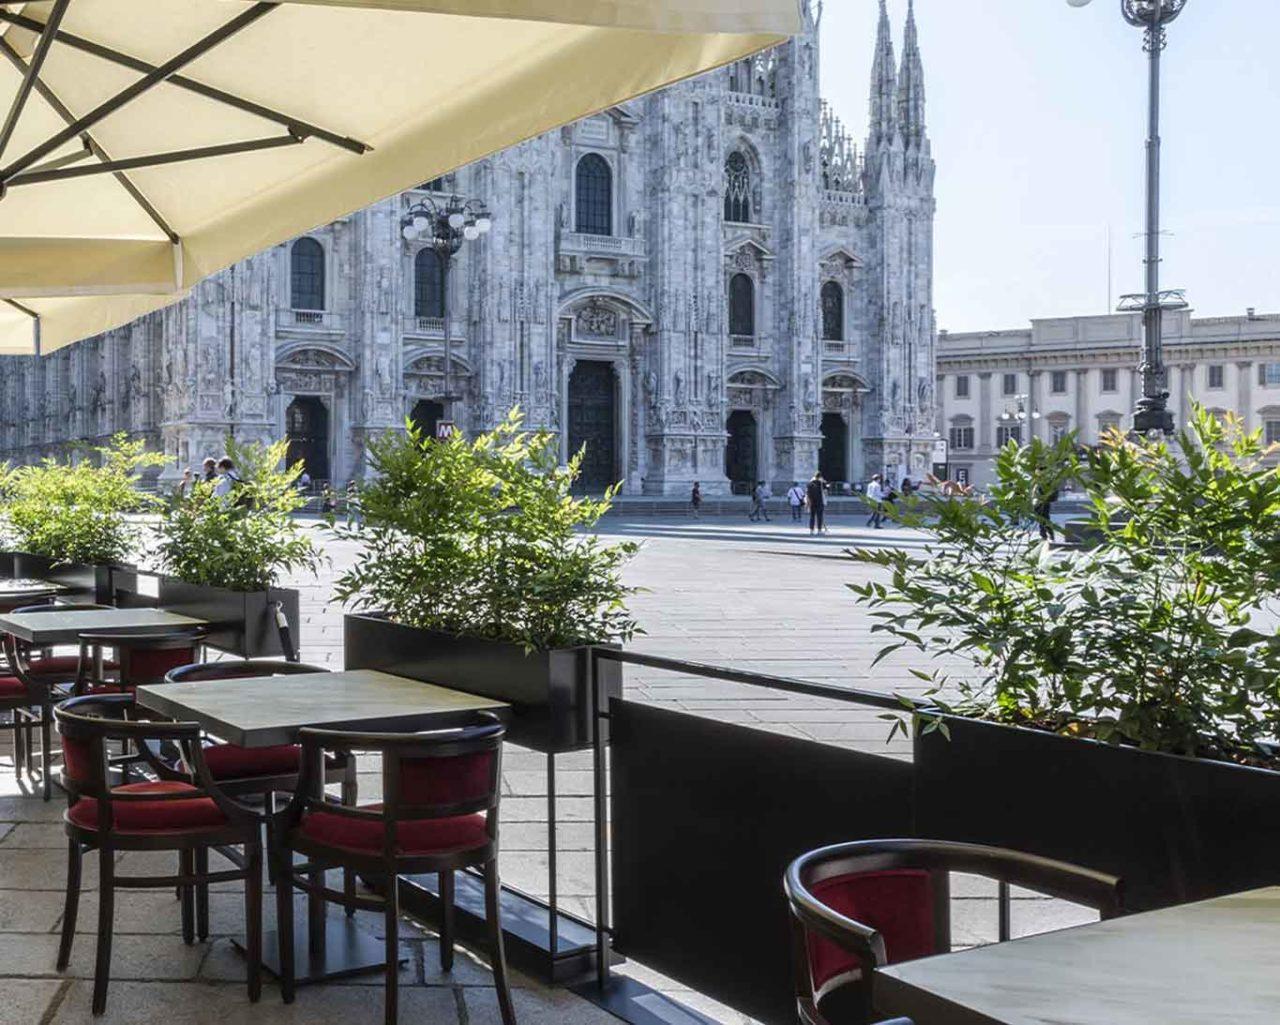 camparino ib galleria dehors duomo ristoranti all'aperto